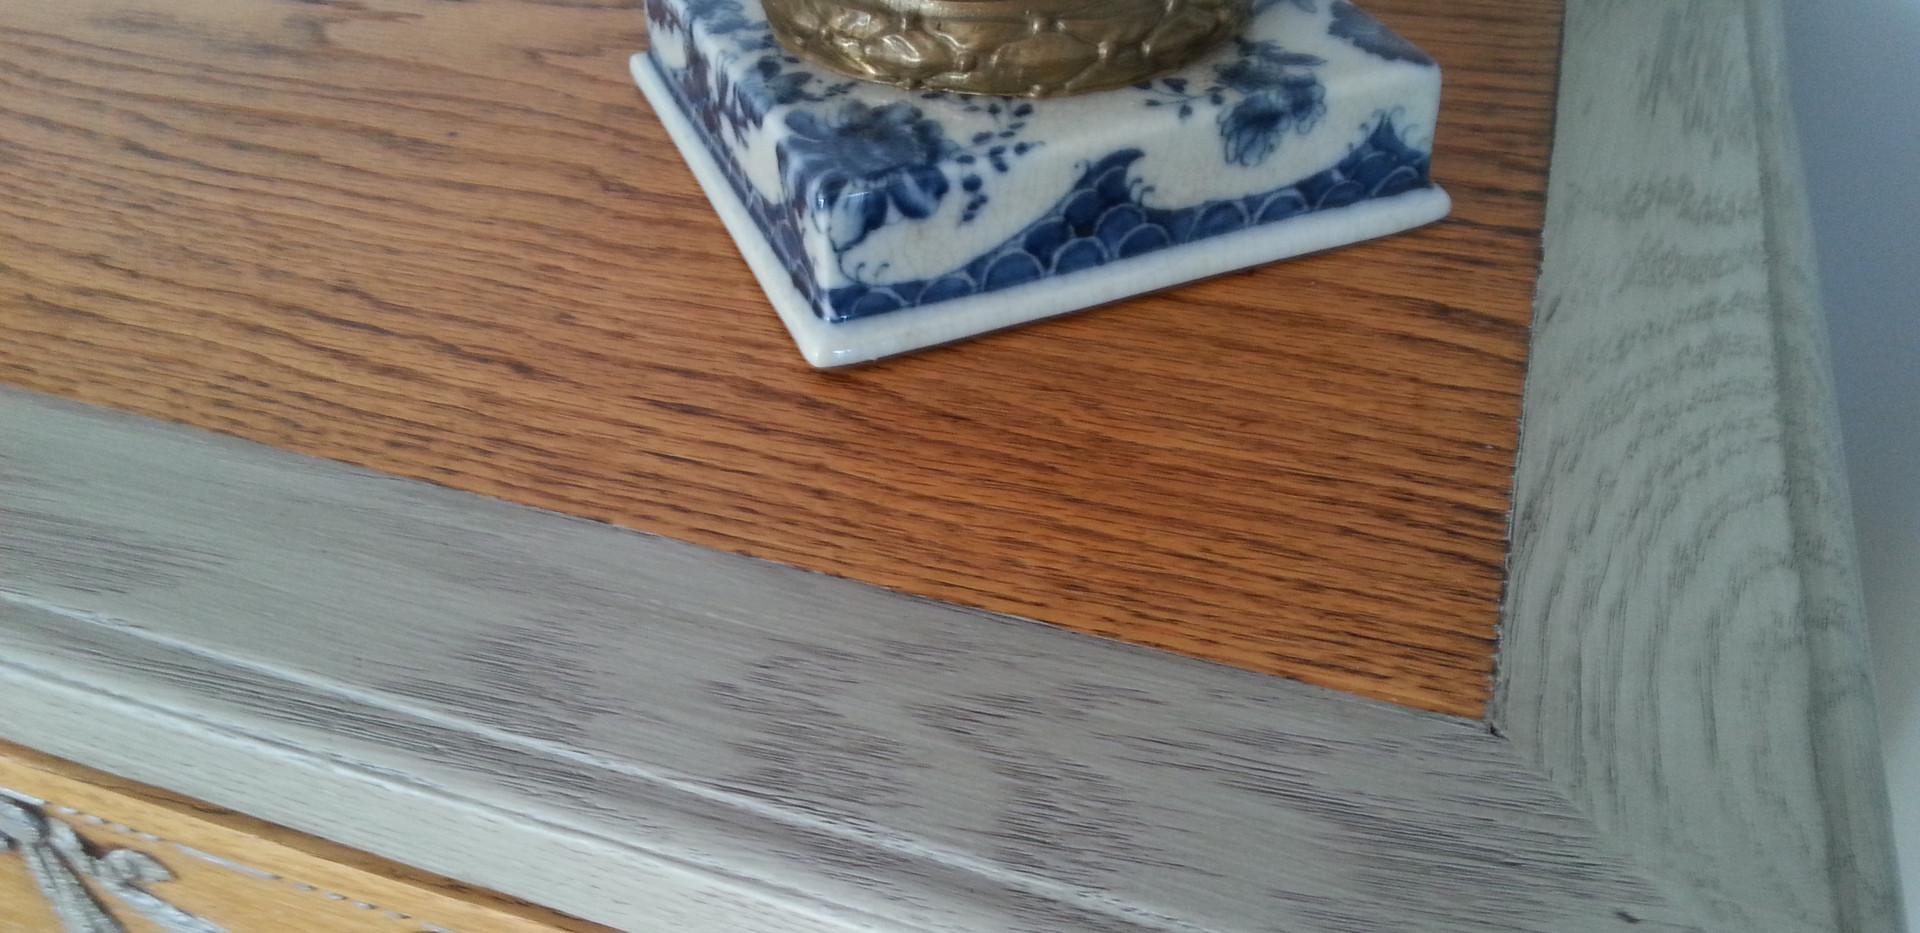 Plateau bois naturel et patine grise